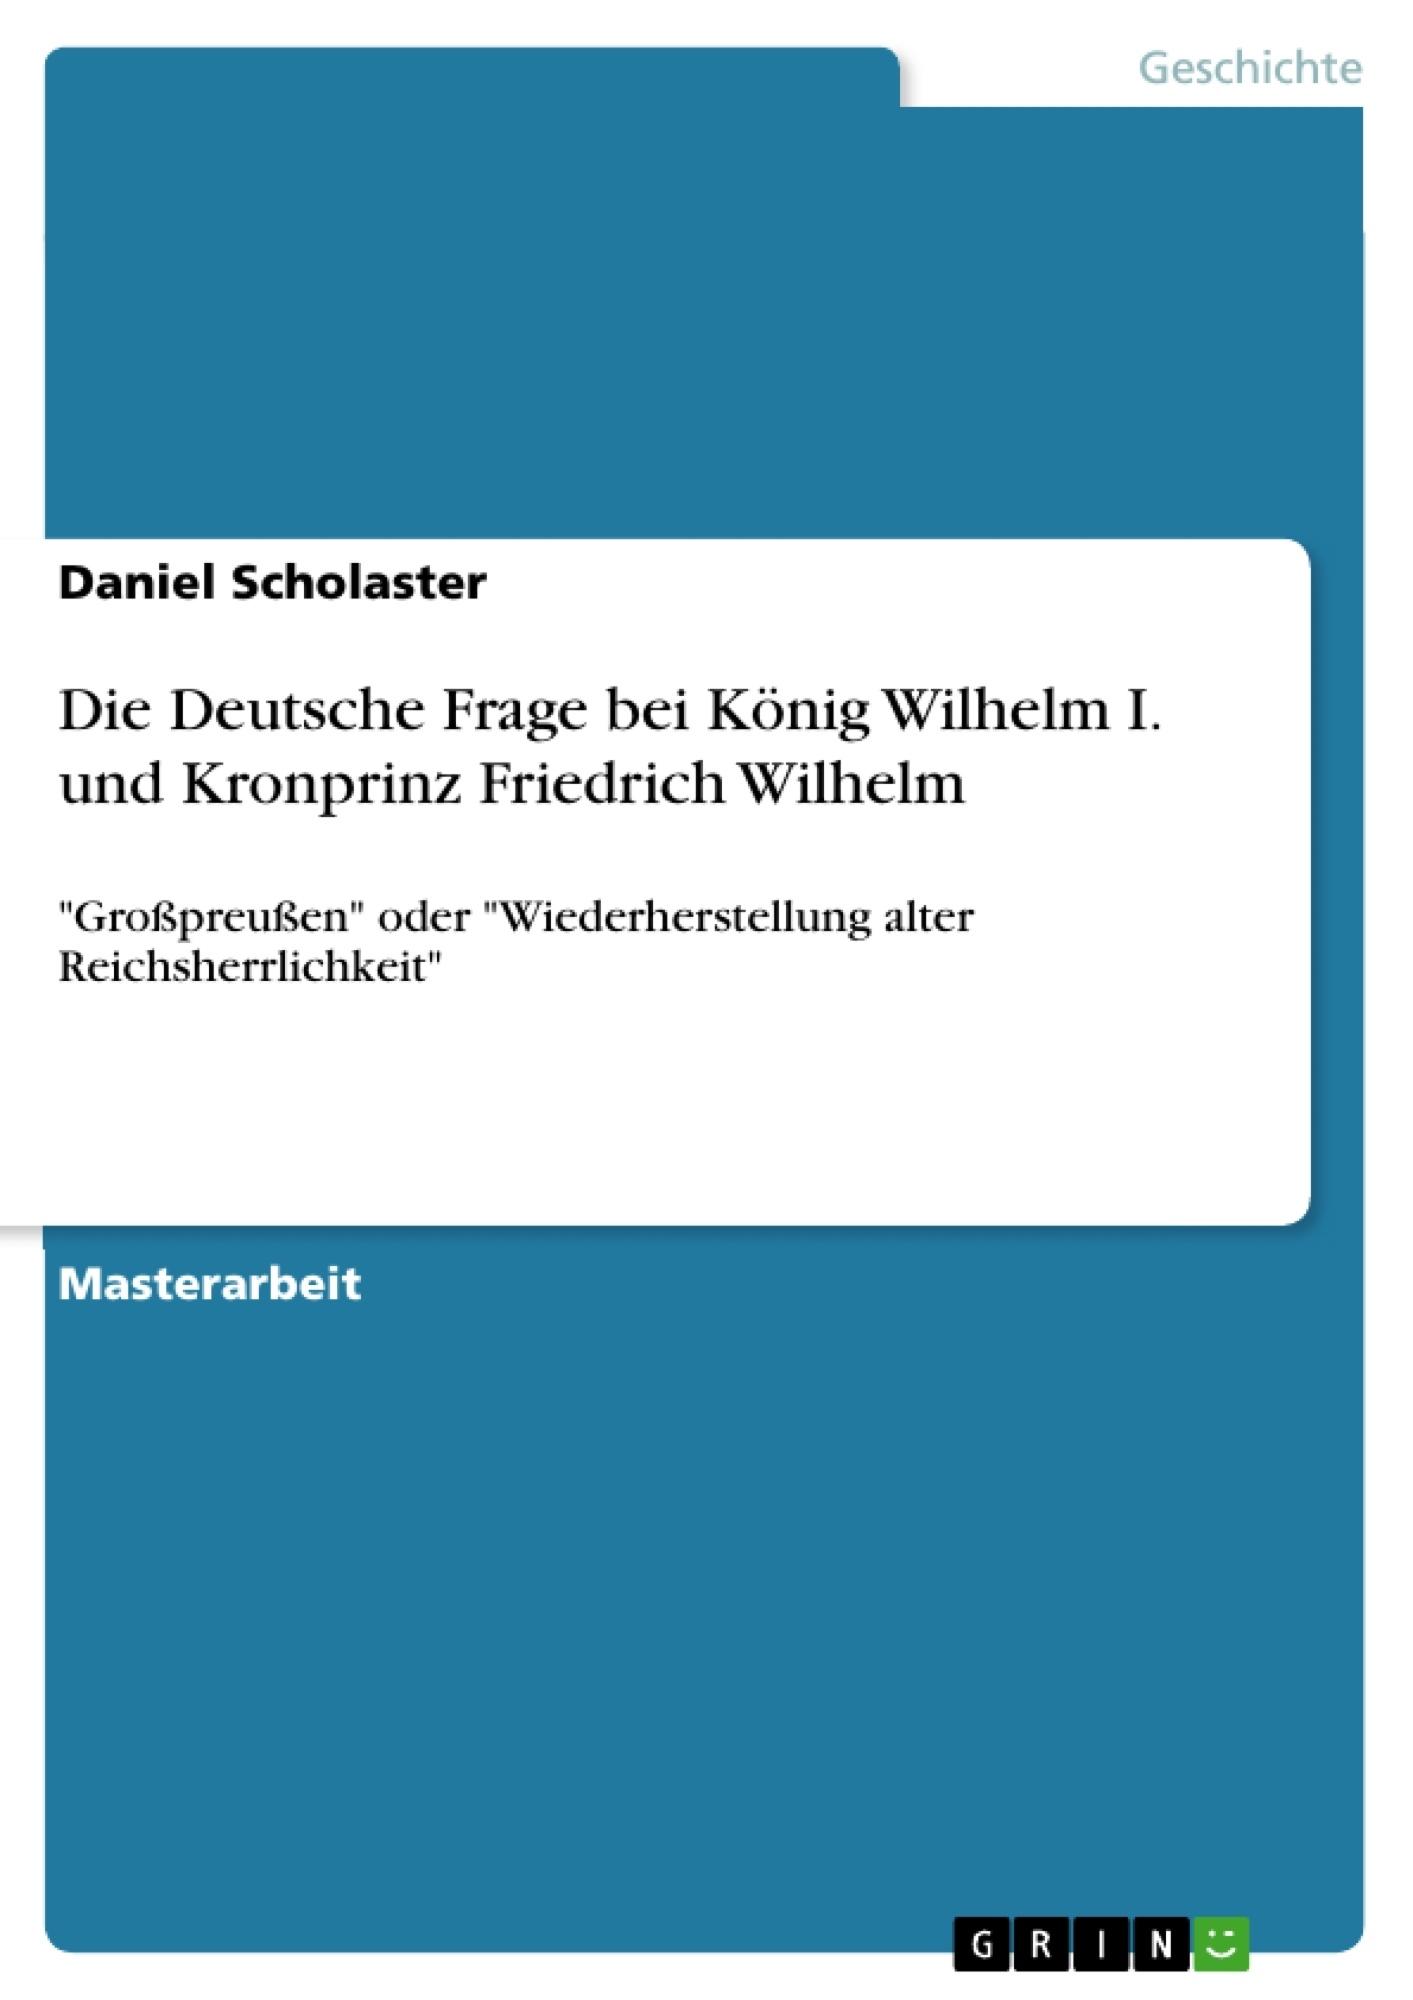 Titel: Die Deutsche Frage bei König Wilhelm I. und Kronprinz Friedrich Wilhelm